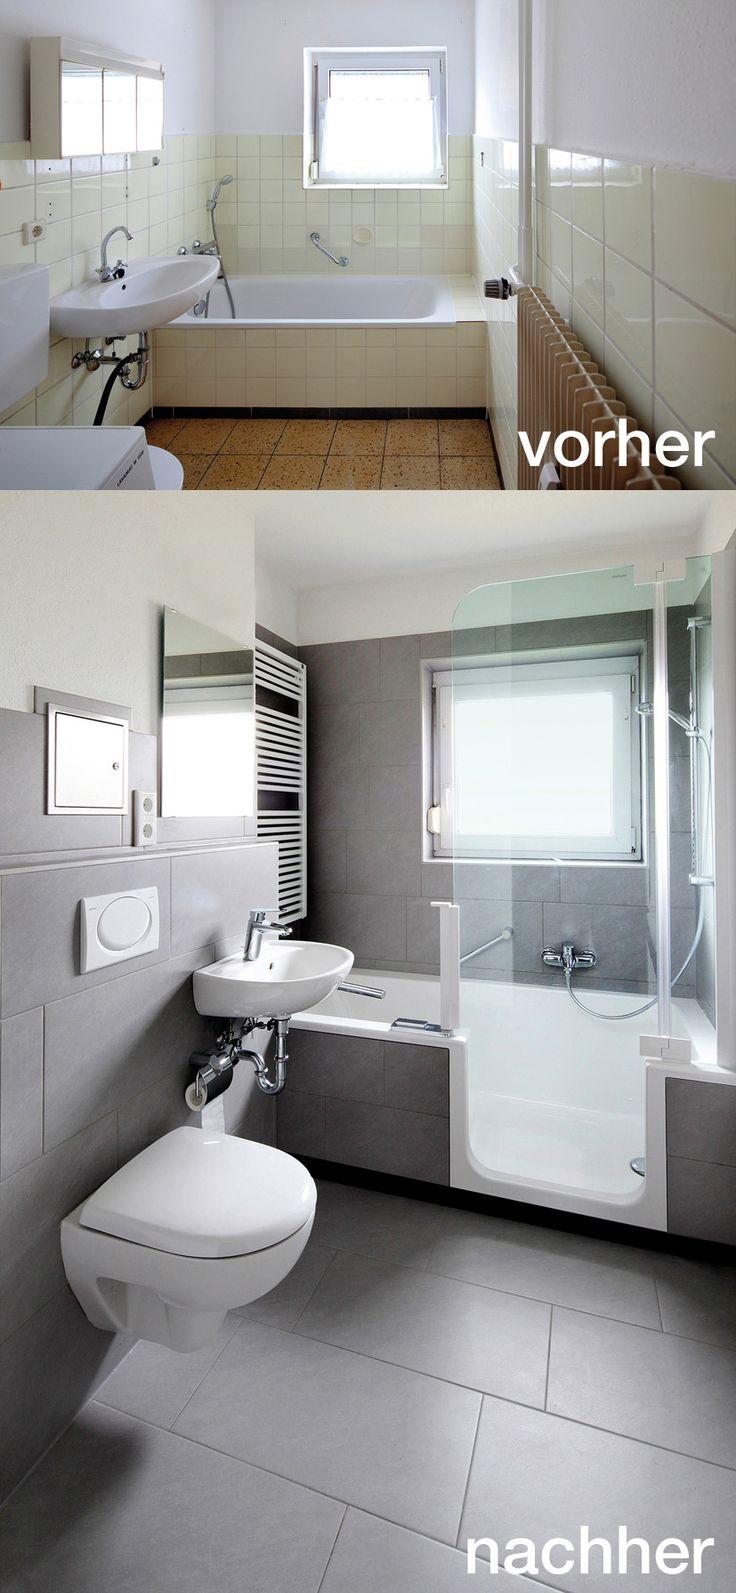 Superb Die Besten 25 Badezimmerideen Ideen Auf Pinterest Badezimmer Neu Fugen